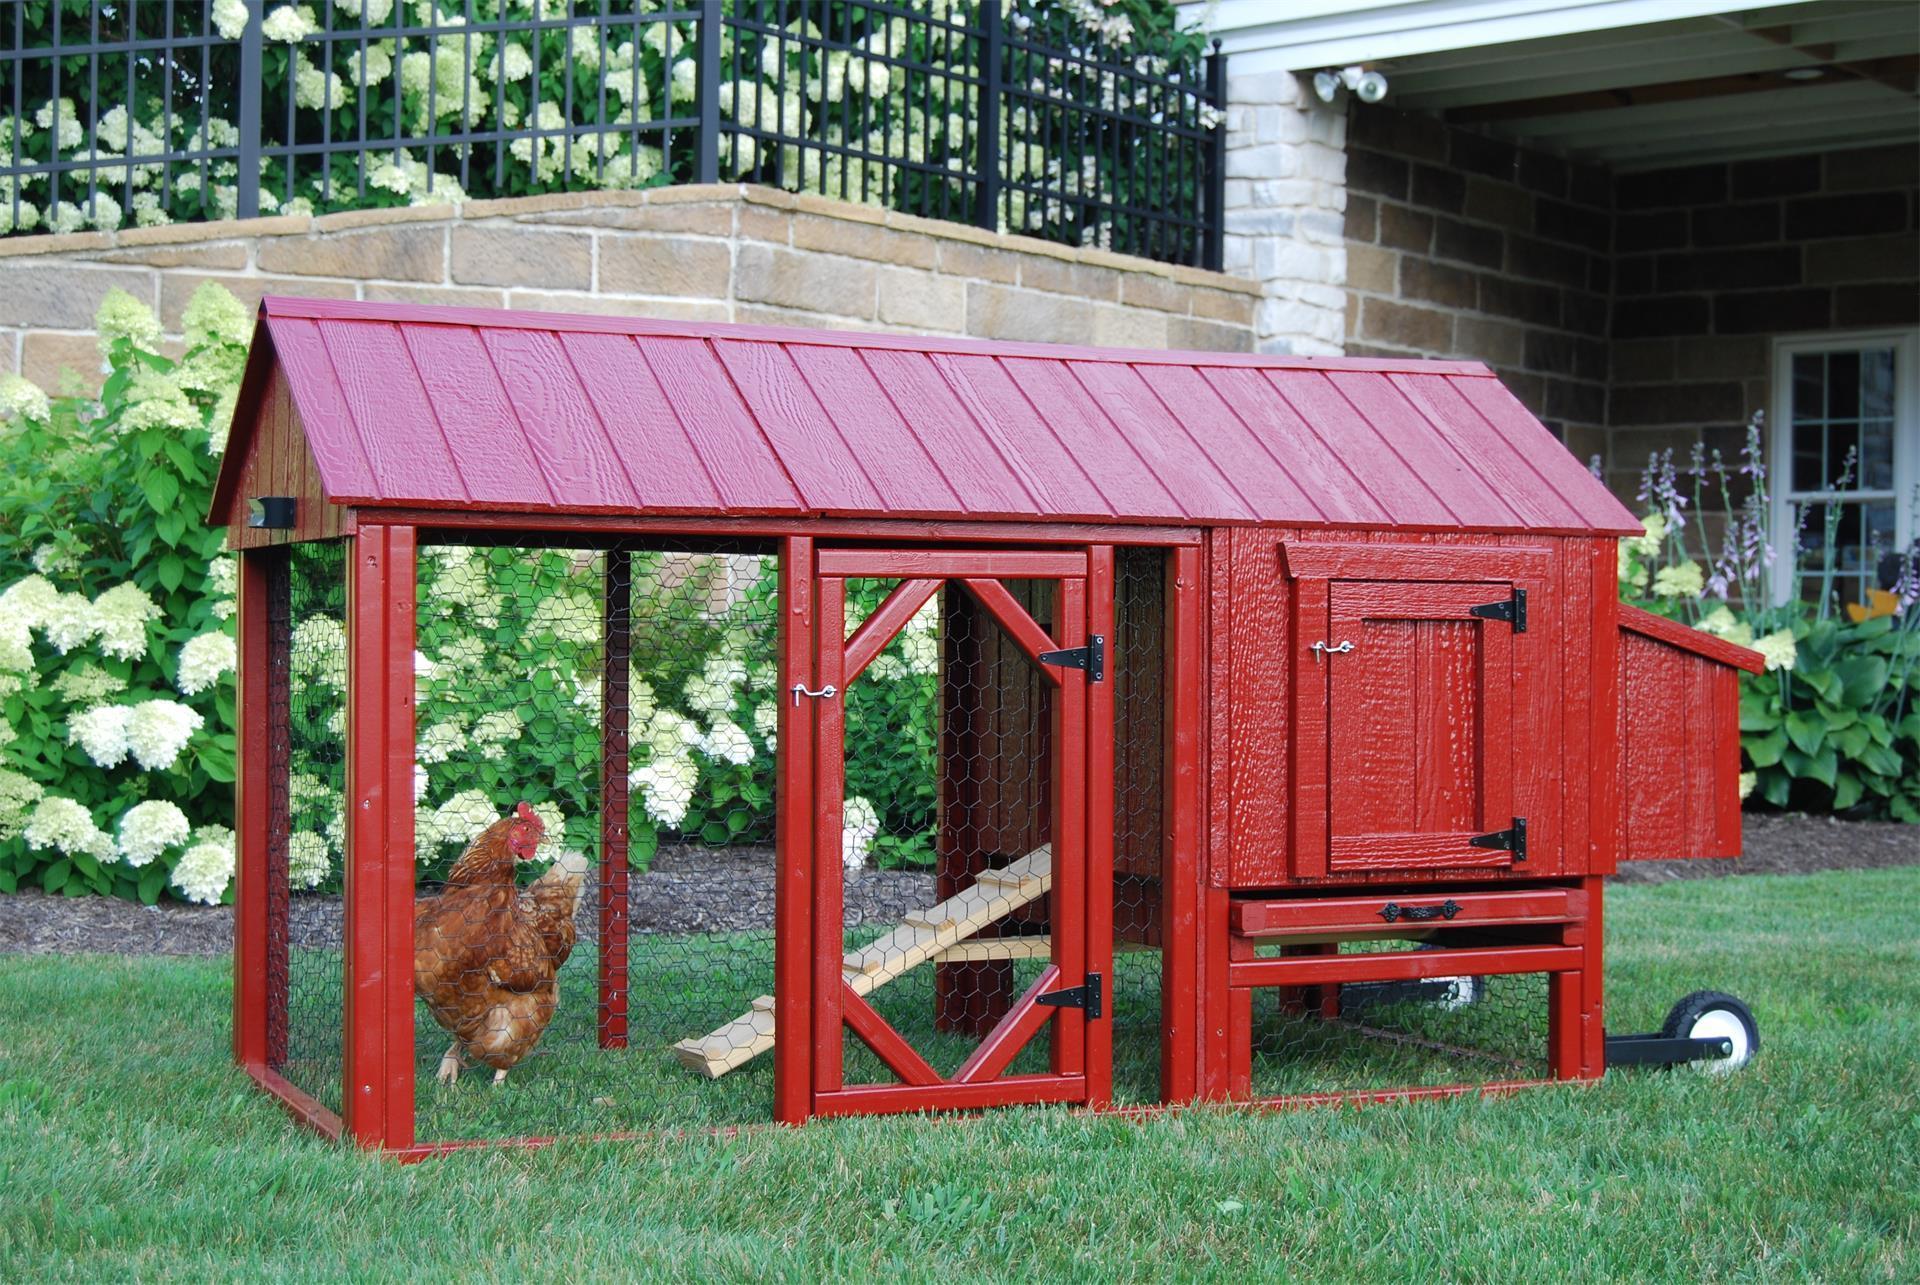 La Credenza Coop : Barn chicken coop │mobile backyard │ eco friendly digs